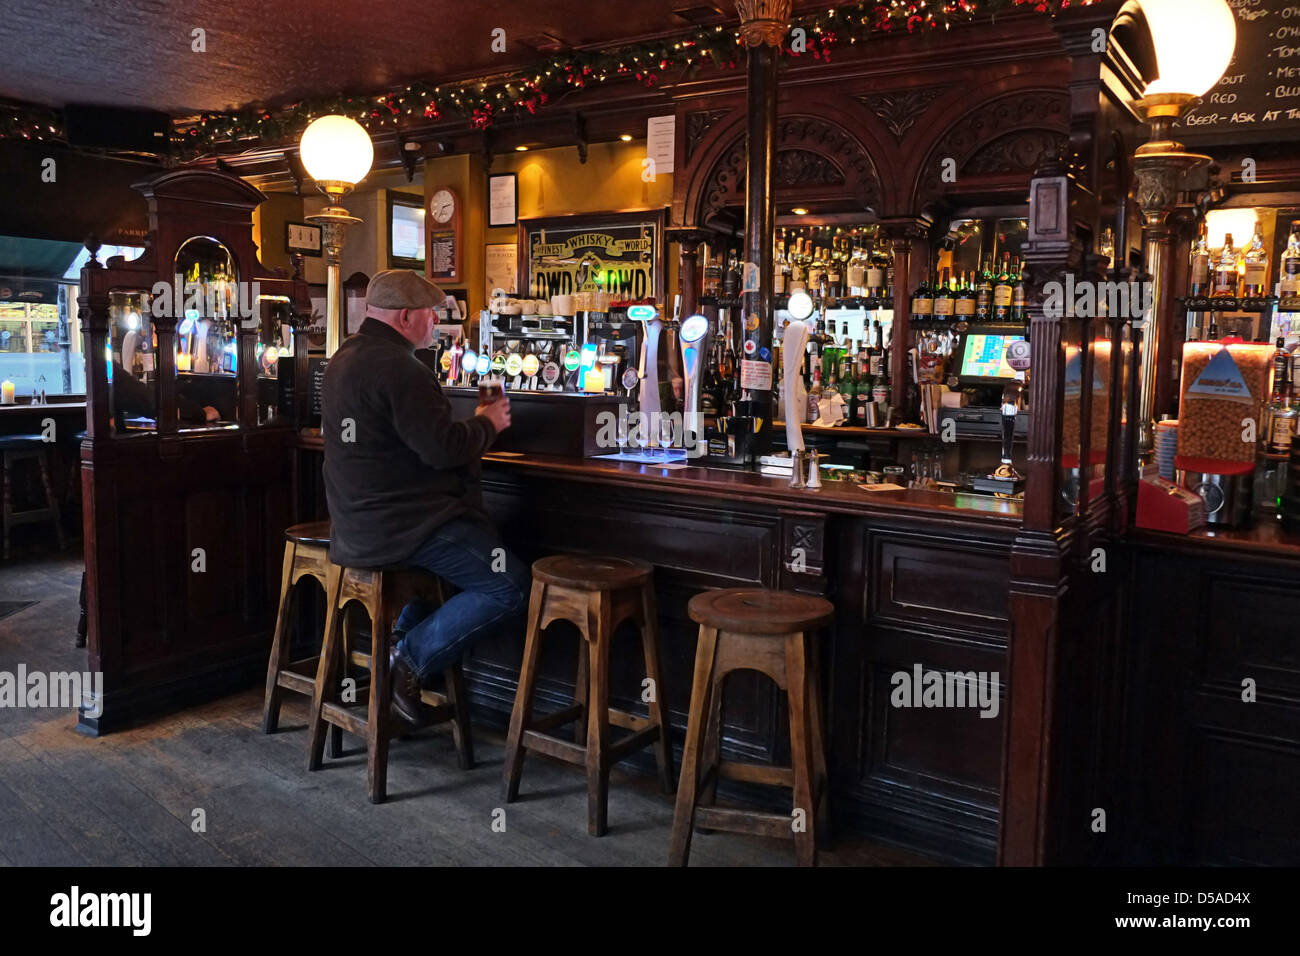 Homme de Pub Irlandais à Dublin, Irlande Photo Stock